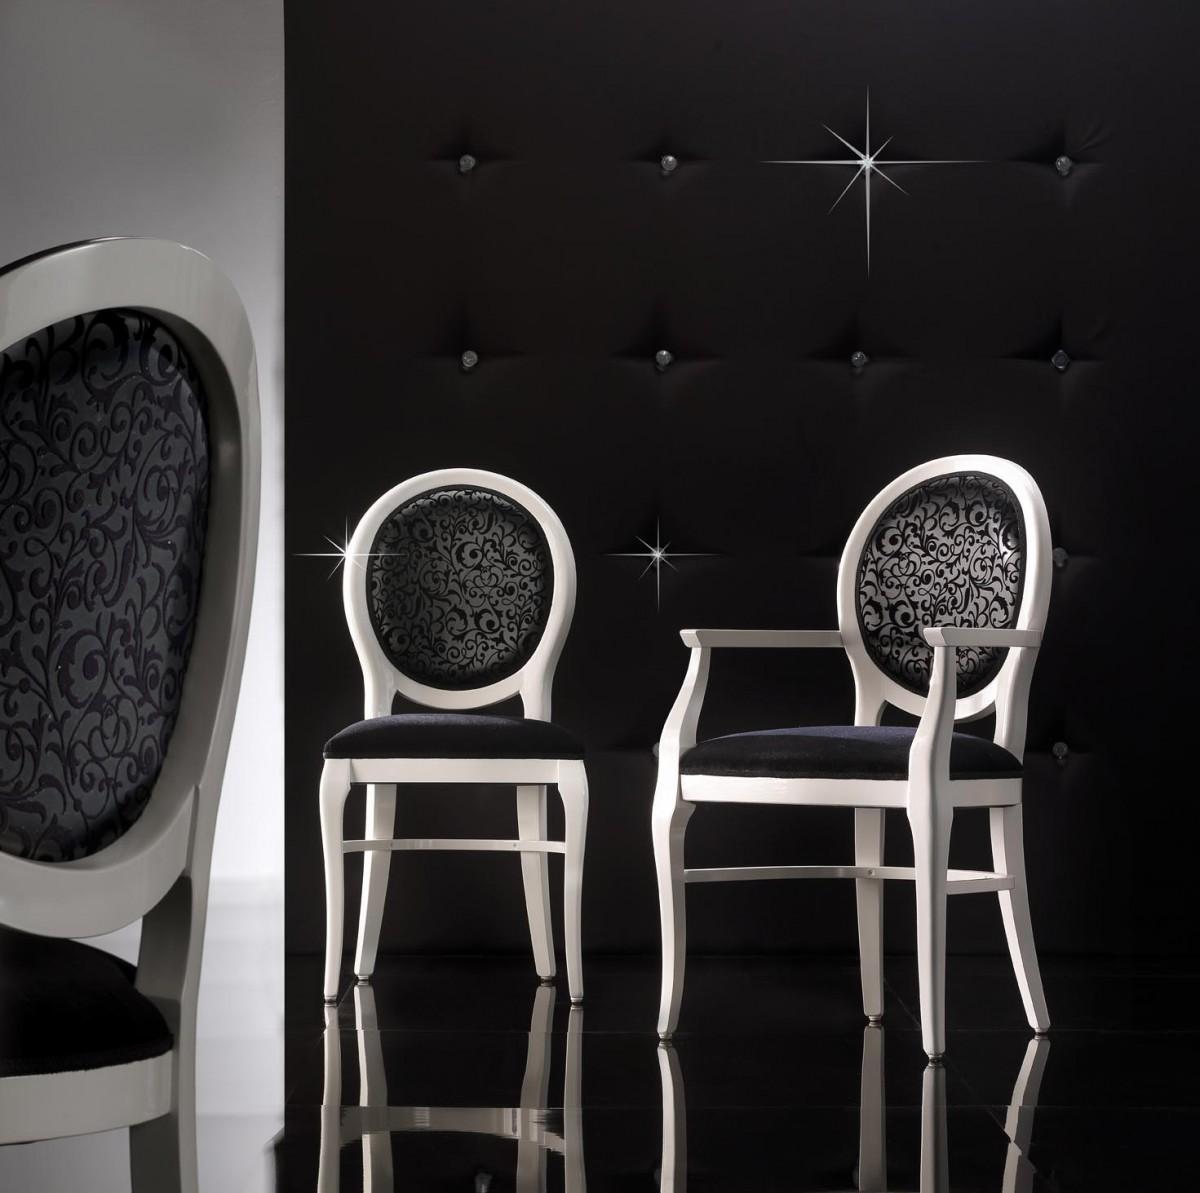 Catherine s restaurant meubilair horeca meubelen op maat for Meubilair horeca